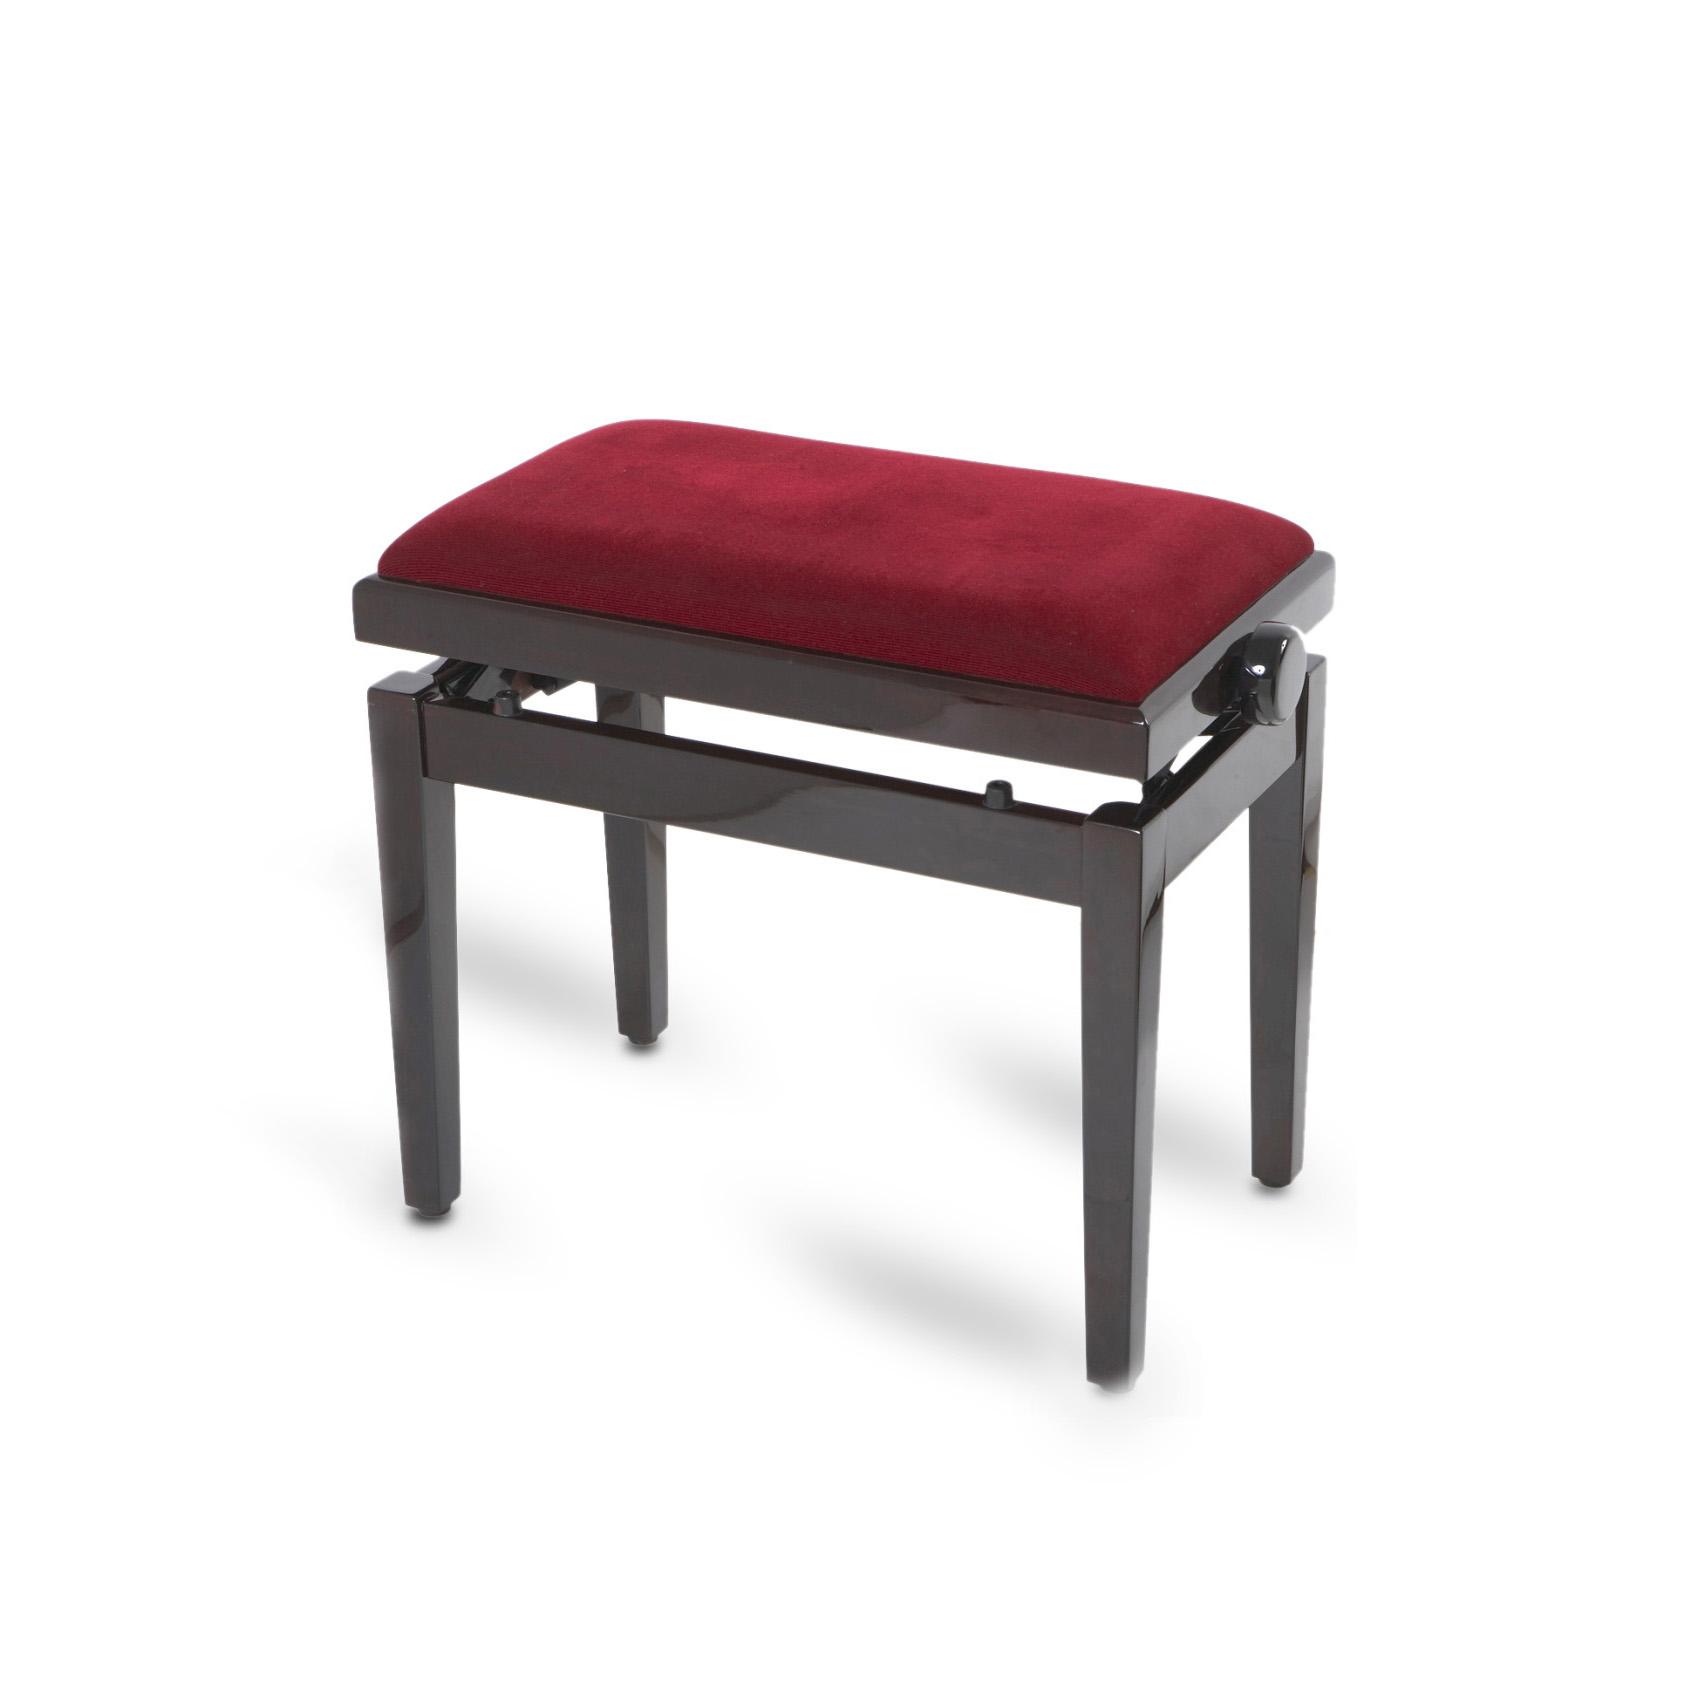 כסא לפסנתר בצבע שחור עם בד בורדו